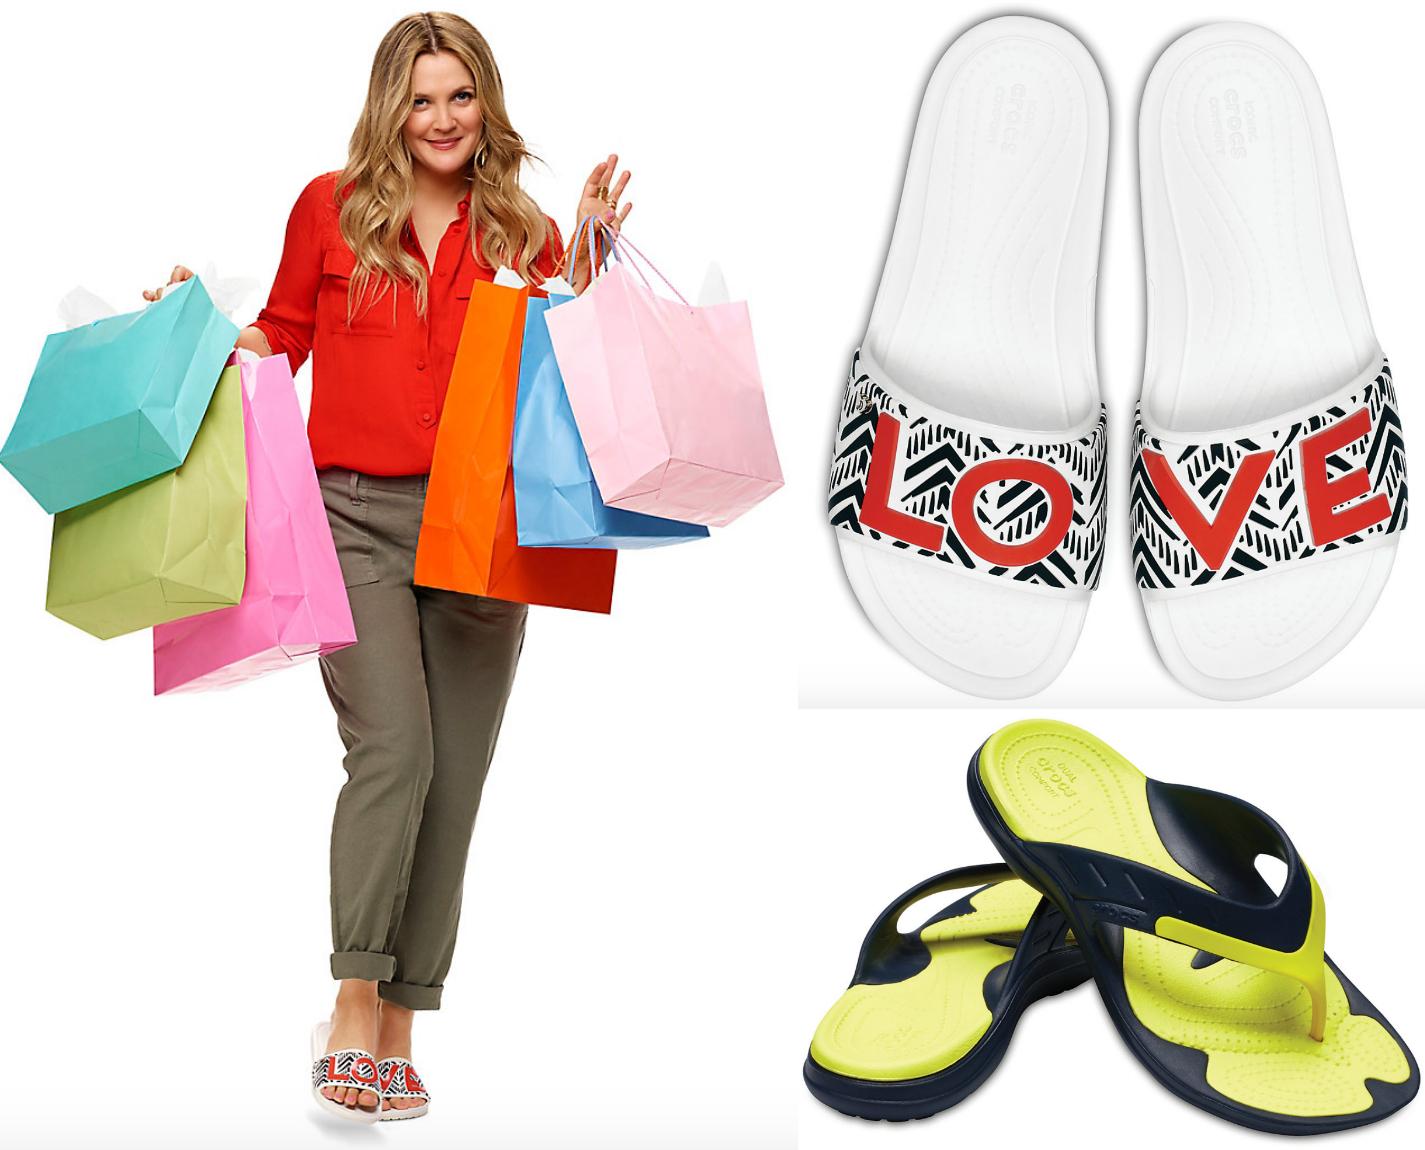 crocs brand deals – Drew Barrymore wearing crocs